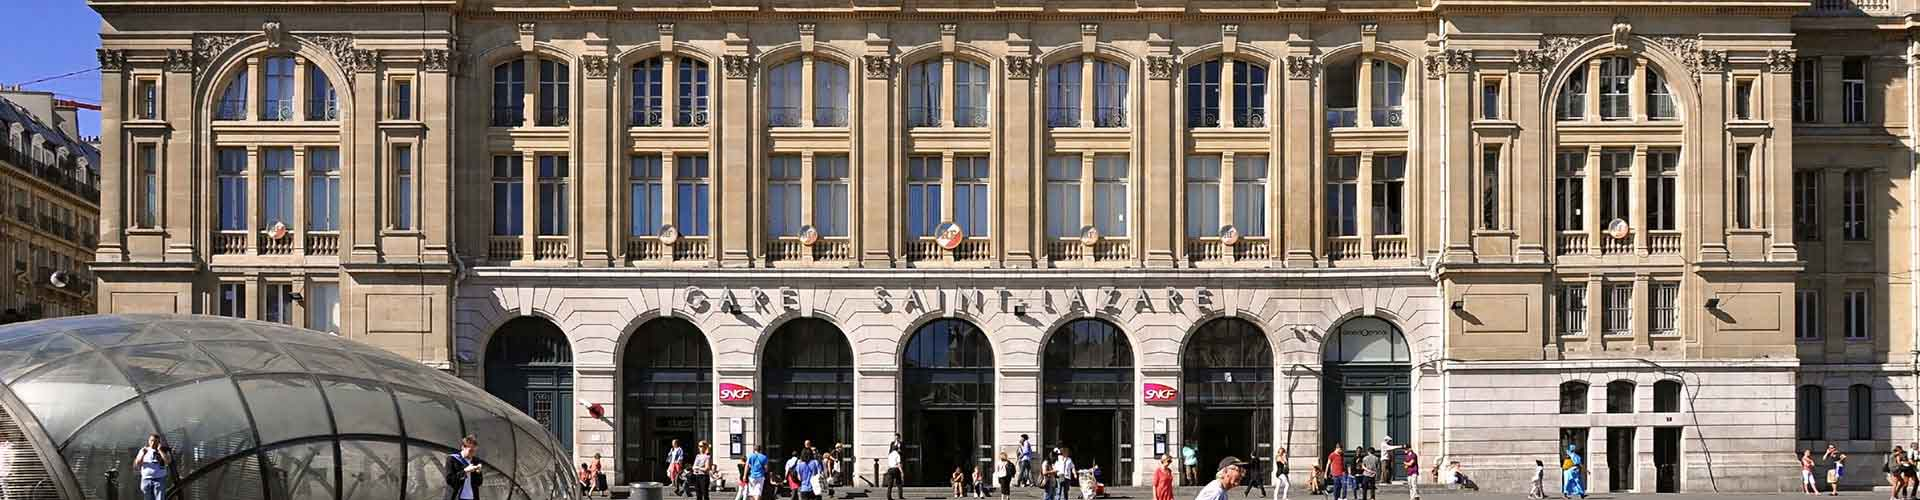 Paris - Zelten nahe Bahnhof Gare Saint-Lazare. Paris auf der Karte. Fotos und Bewertungen für jeden Zeltplatz in Paris.